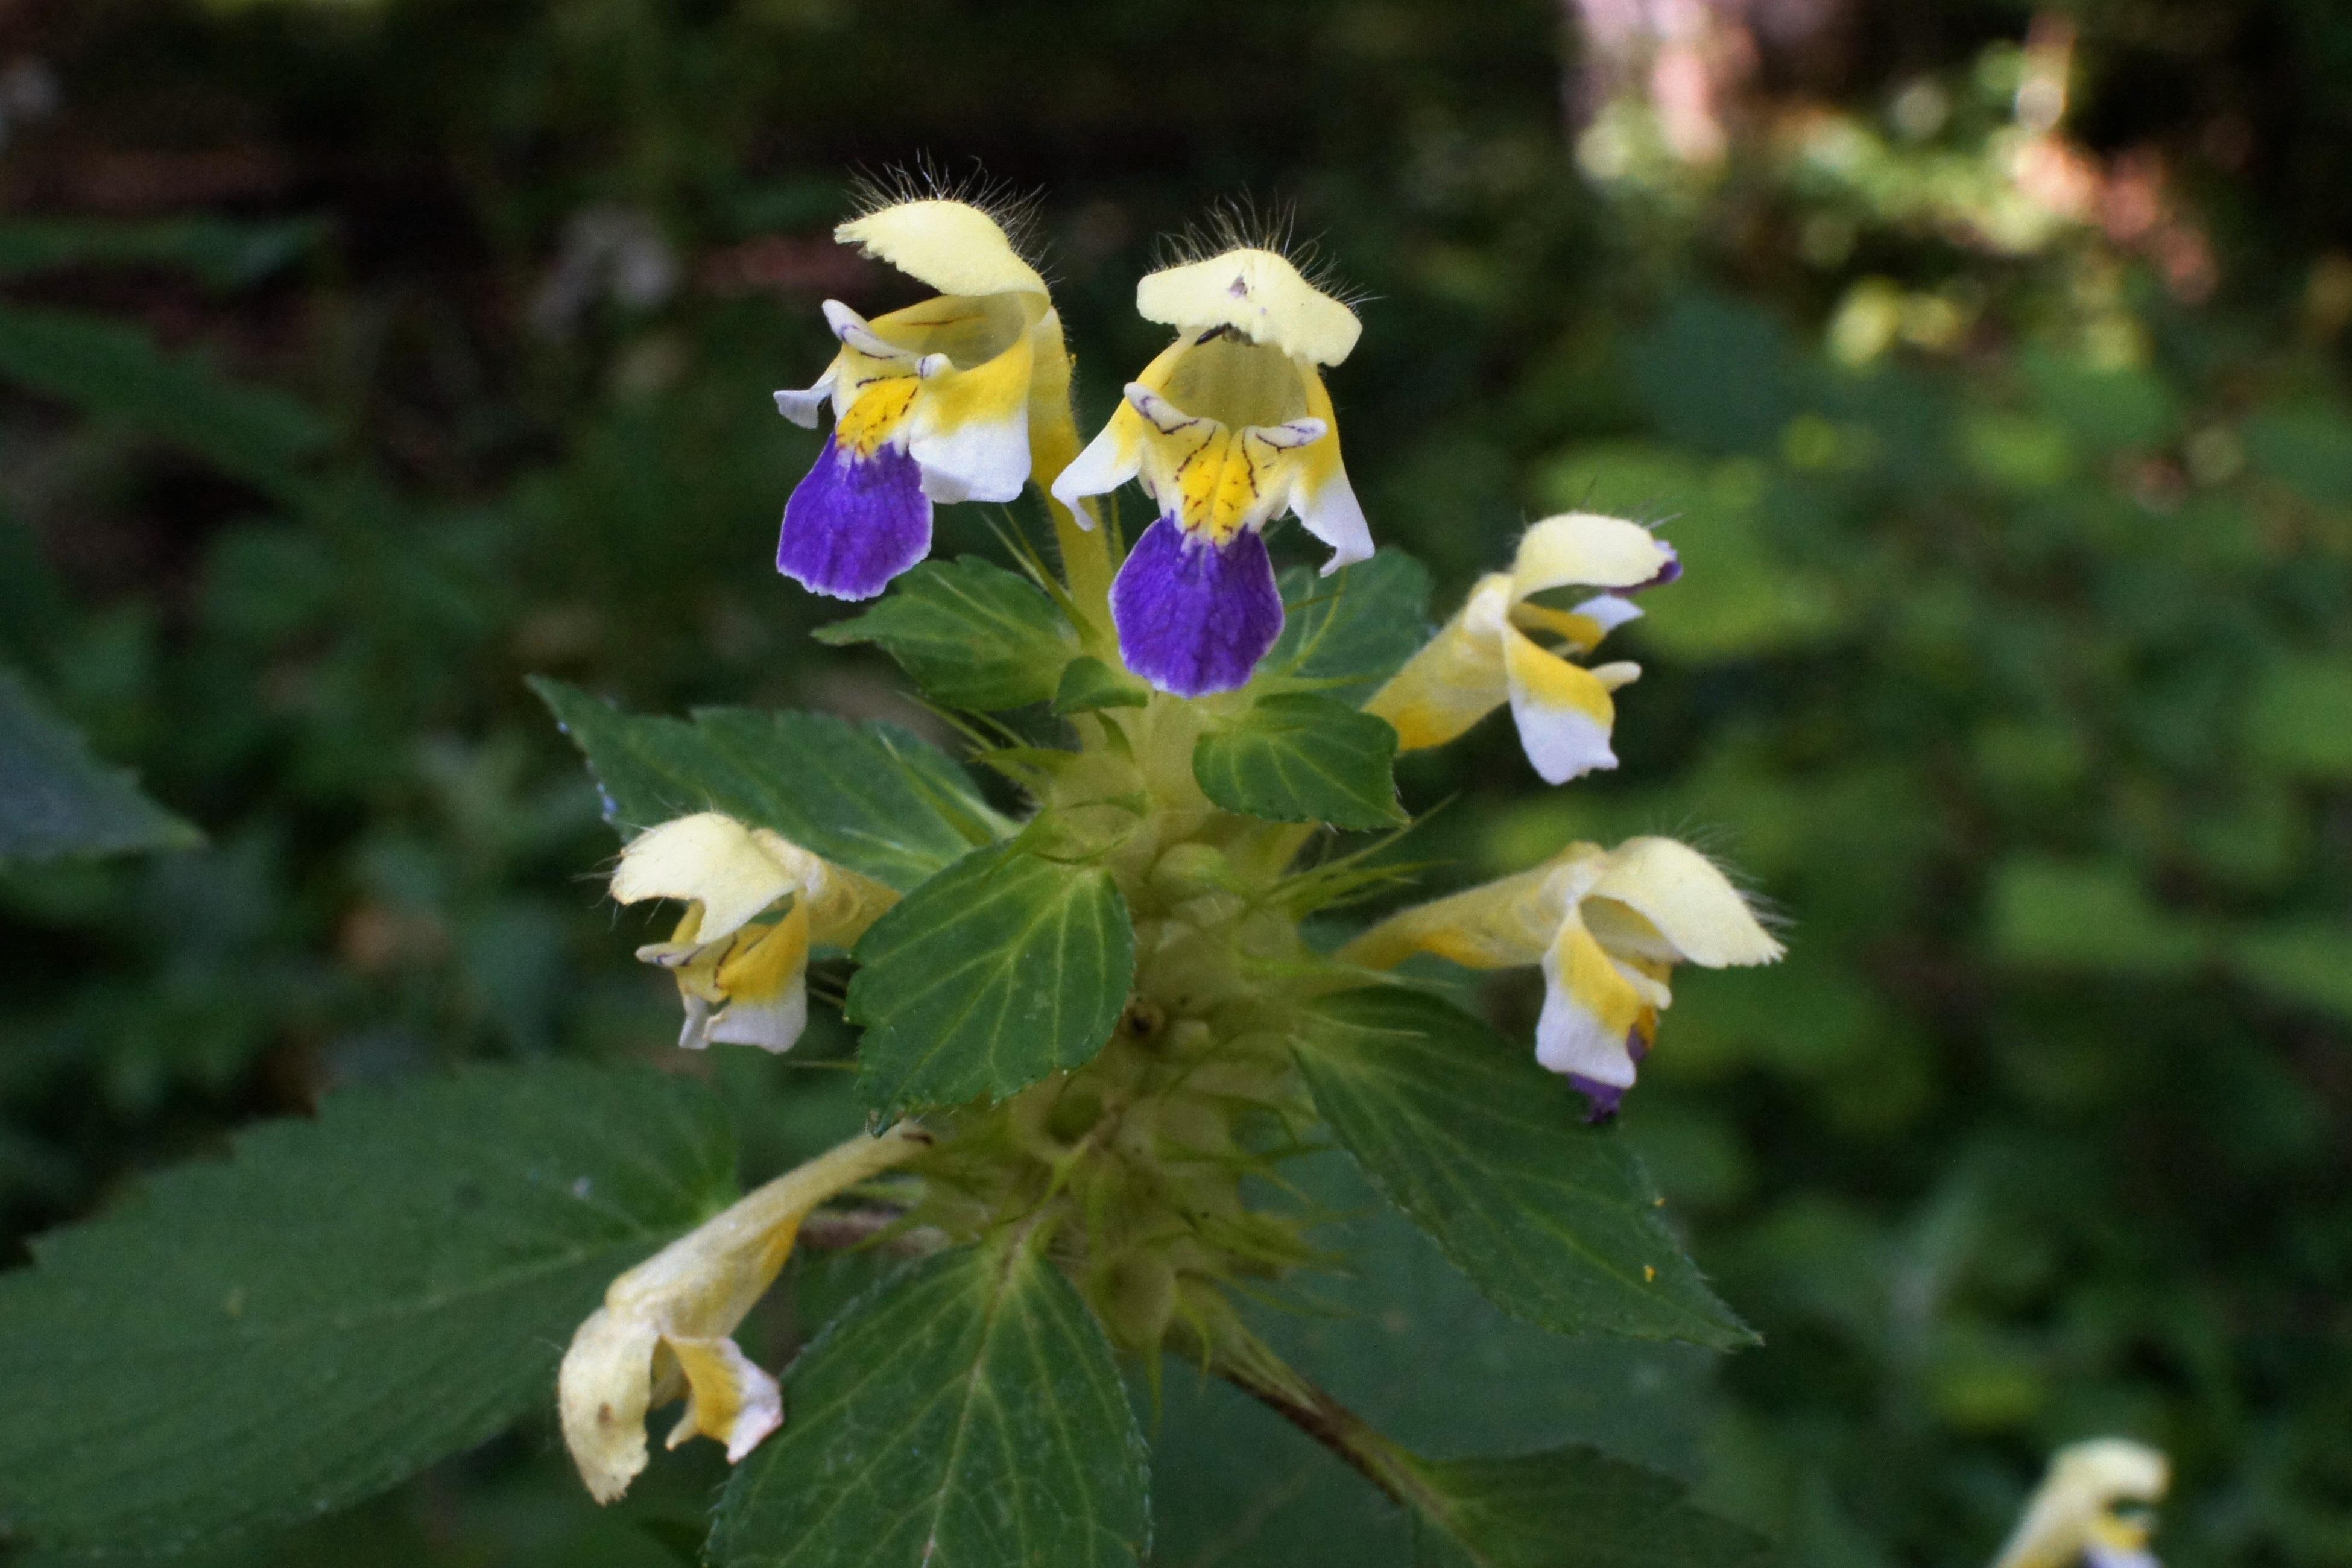 Images gratuites fleur floraison botanique fermer flore fleur sauvage ortie plante - Image fleur violette gratuite ...